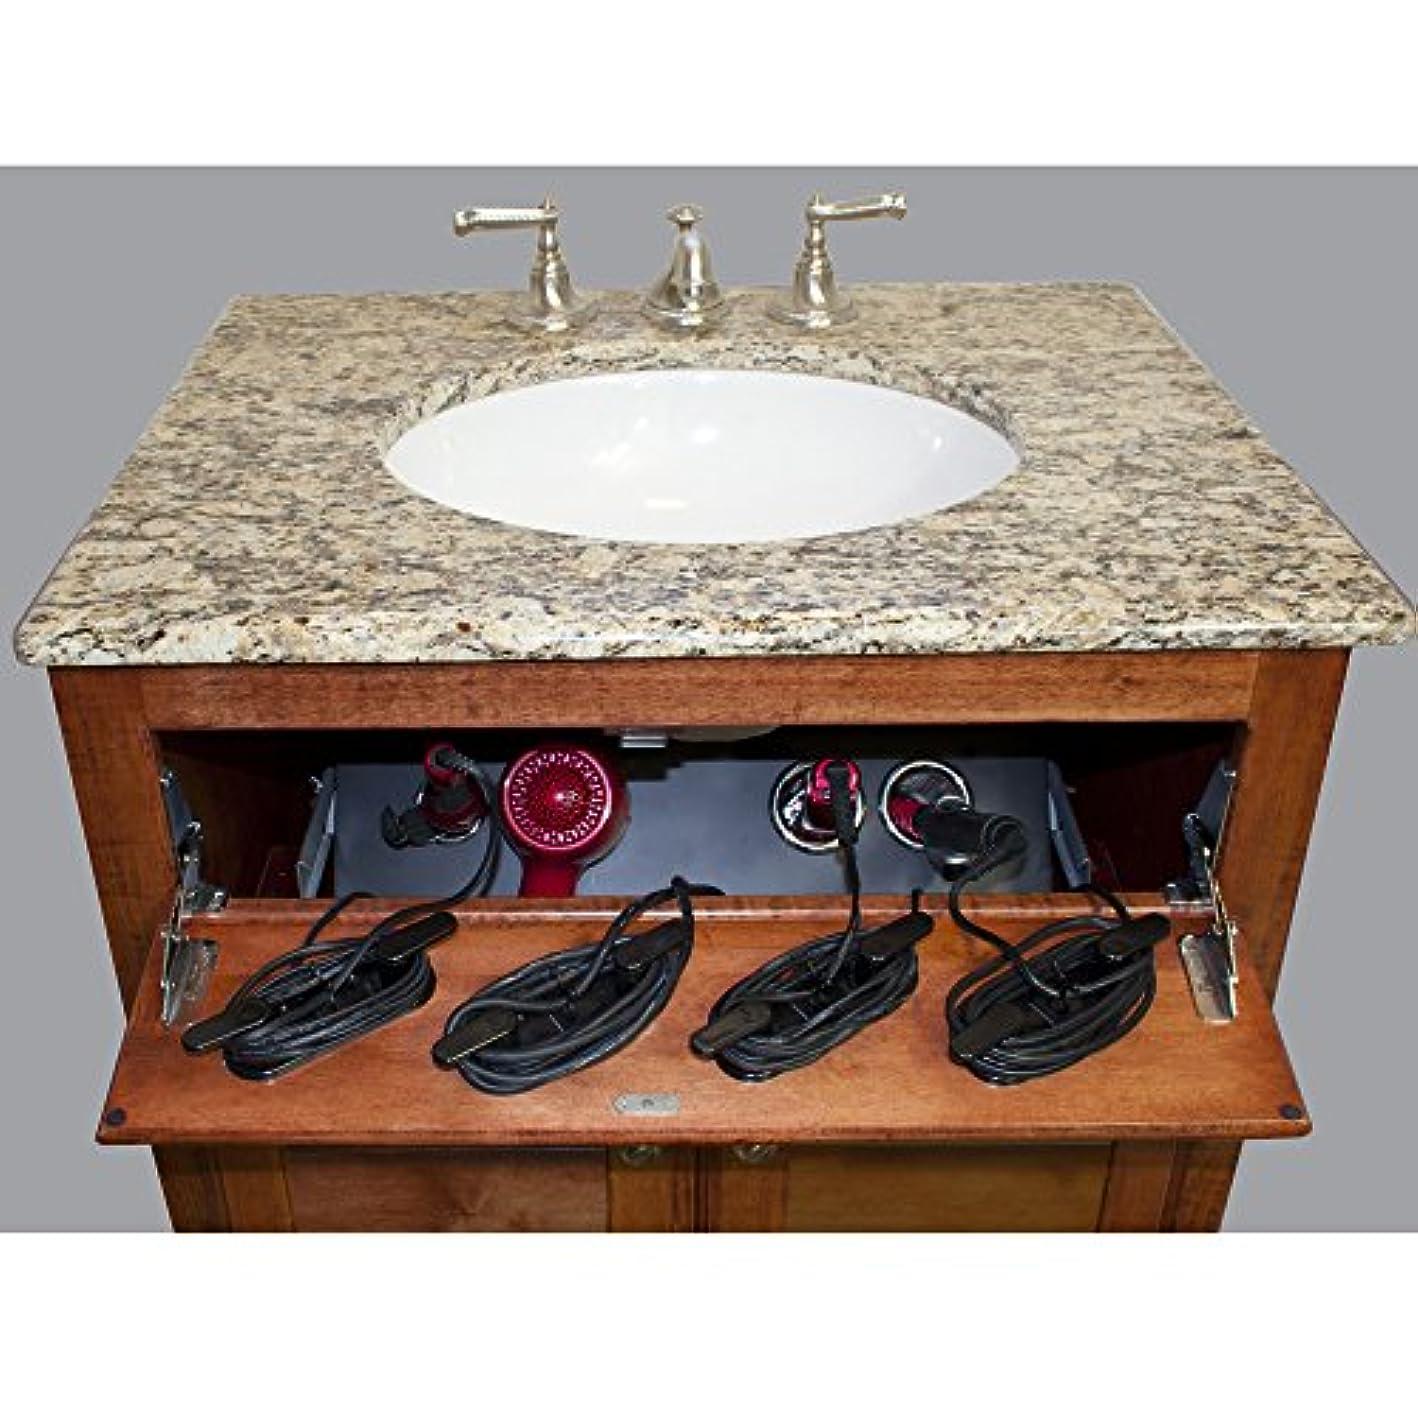 POJJO - Vanity Valet Secret Plus - Curling Iron, Flat Iron, Hair Dryer Holder